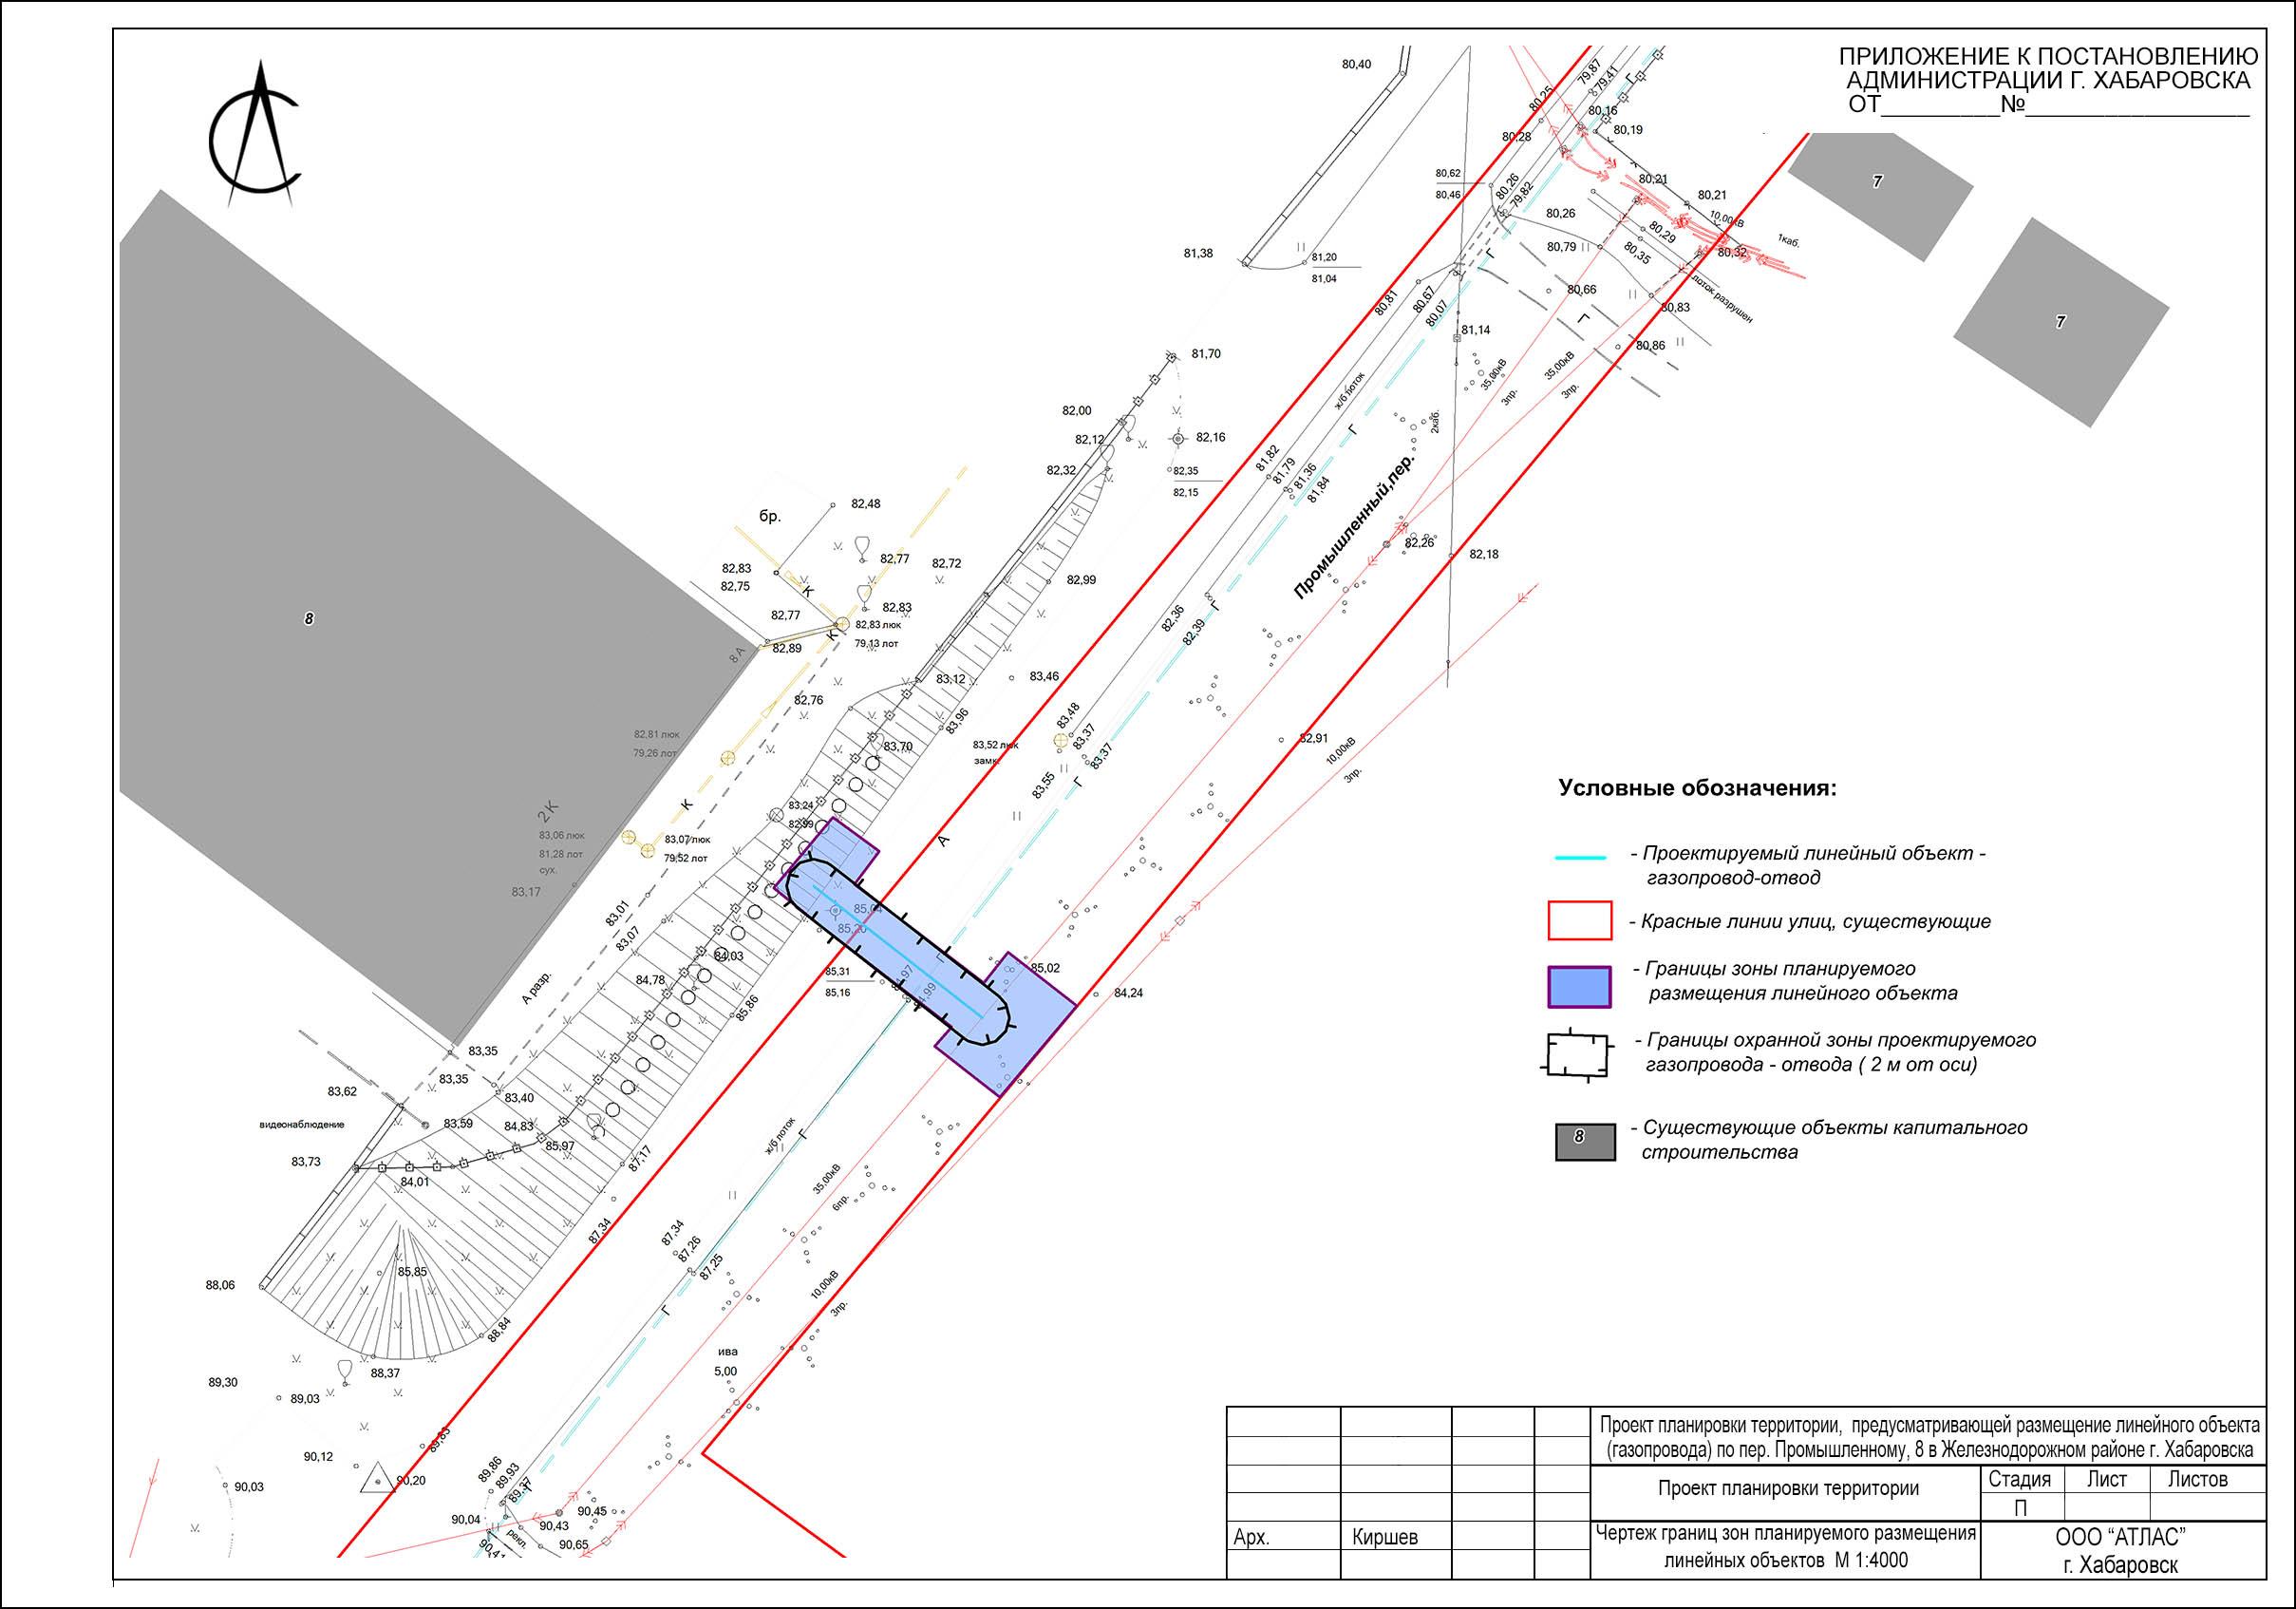 Что относится к линейному объекту капитального строительства | fz-127.ru